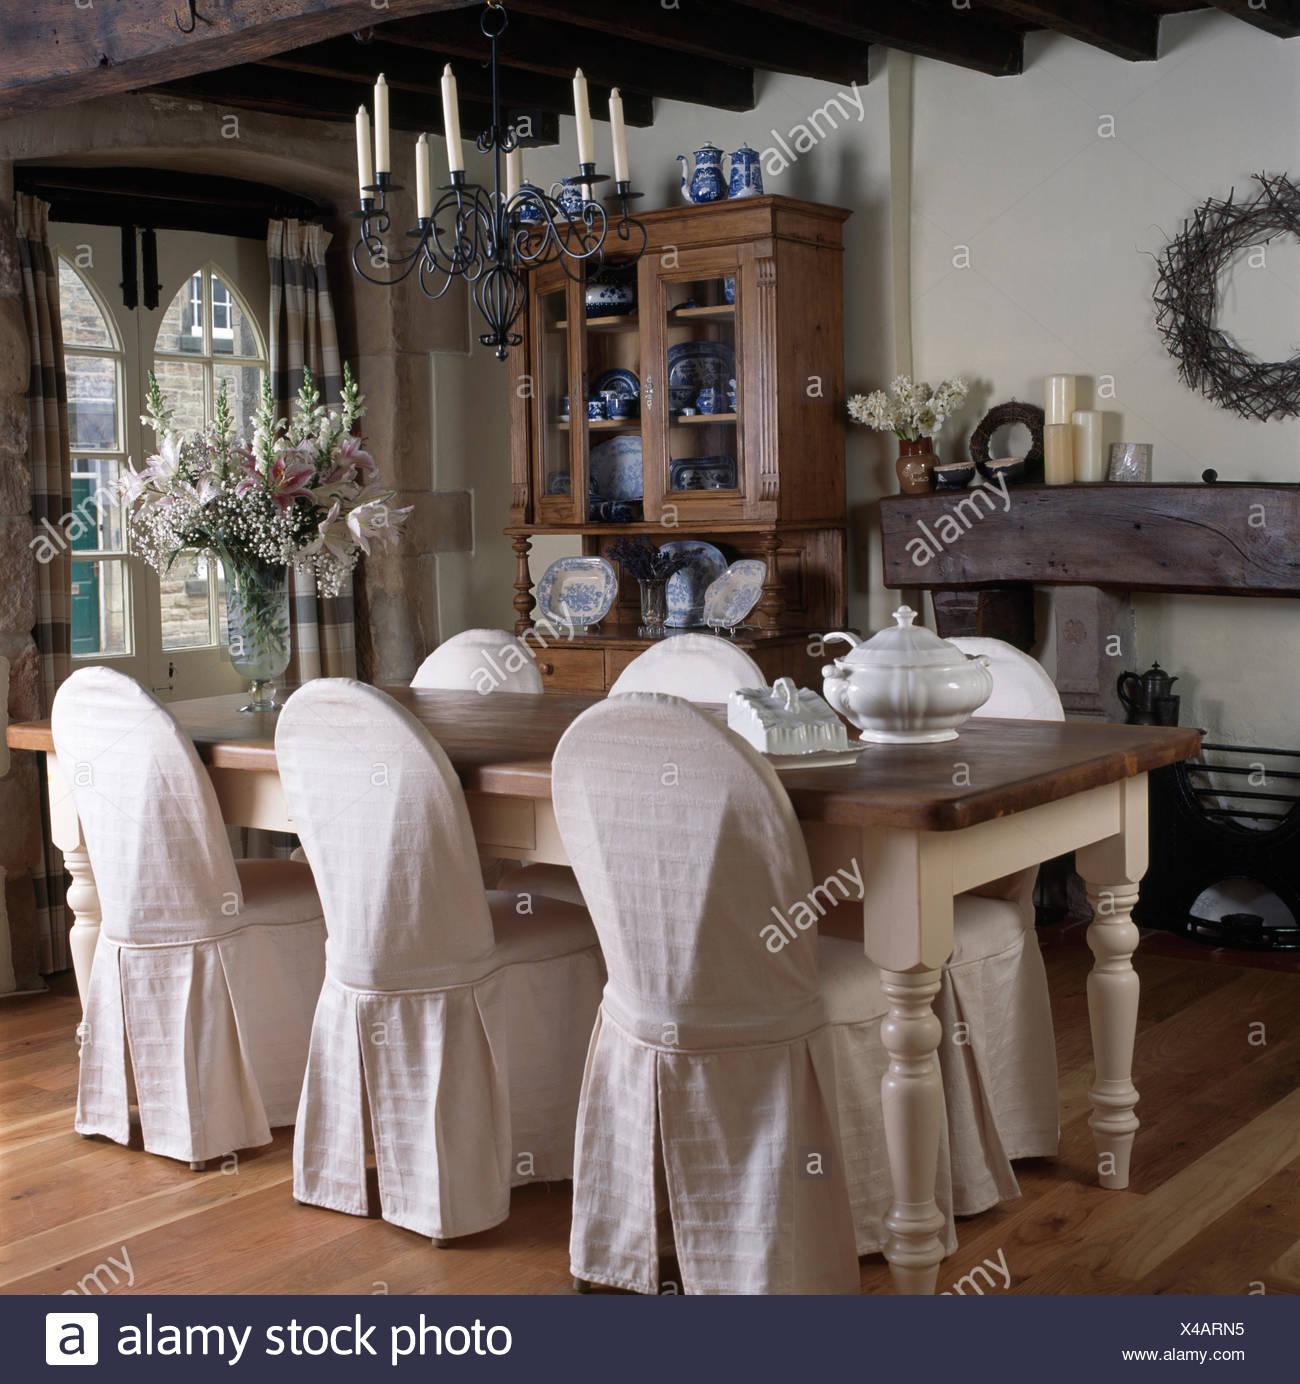 Fantastisch Küsten Lebende Küchentische Bilder - Küche Set Ideen ...